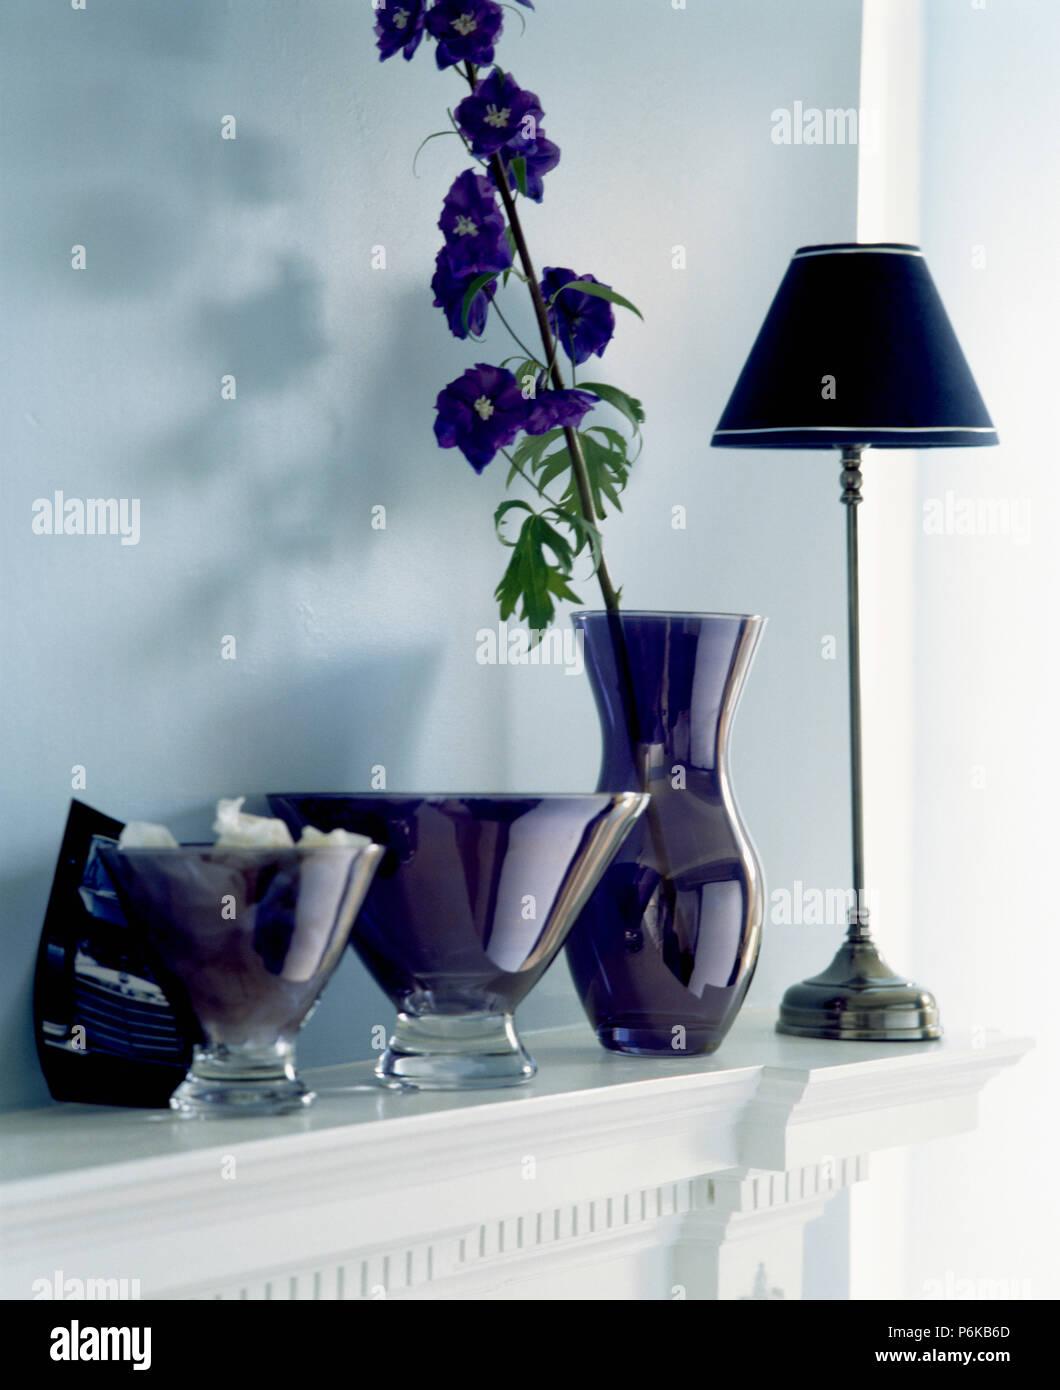 Close-up de pourpre foncé provenait des vases et grand vase avec delphinium bleu unique sur la cheminée avec lampe noire Banque D'Images